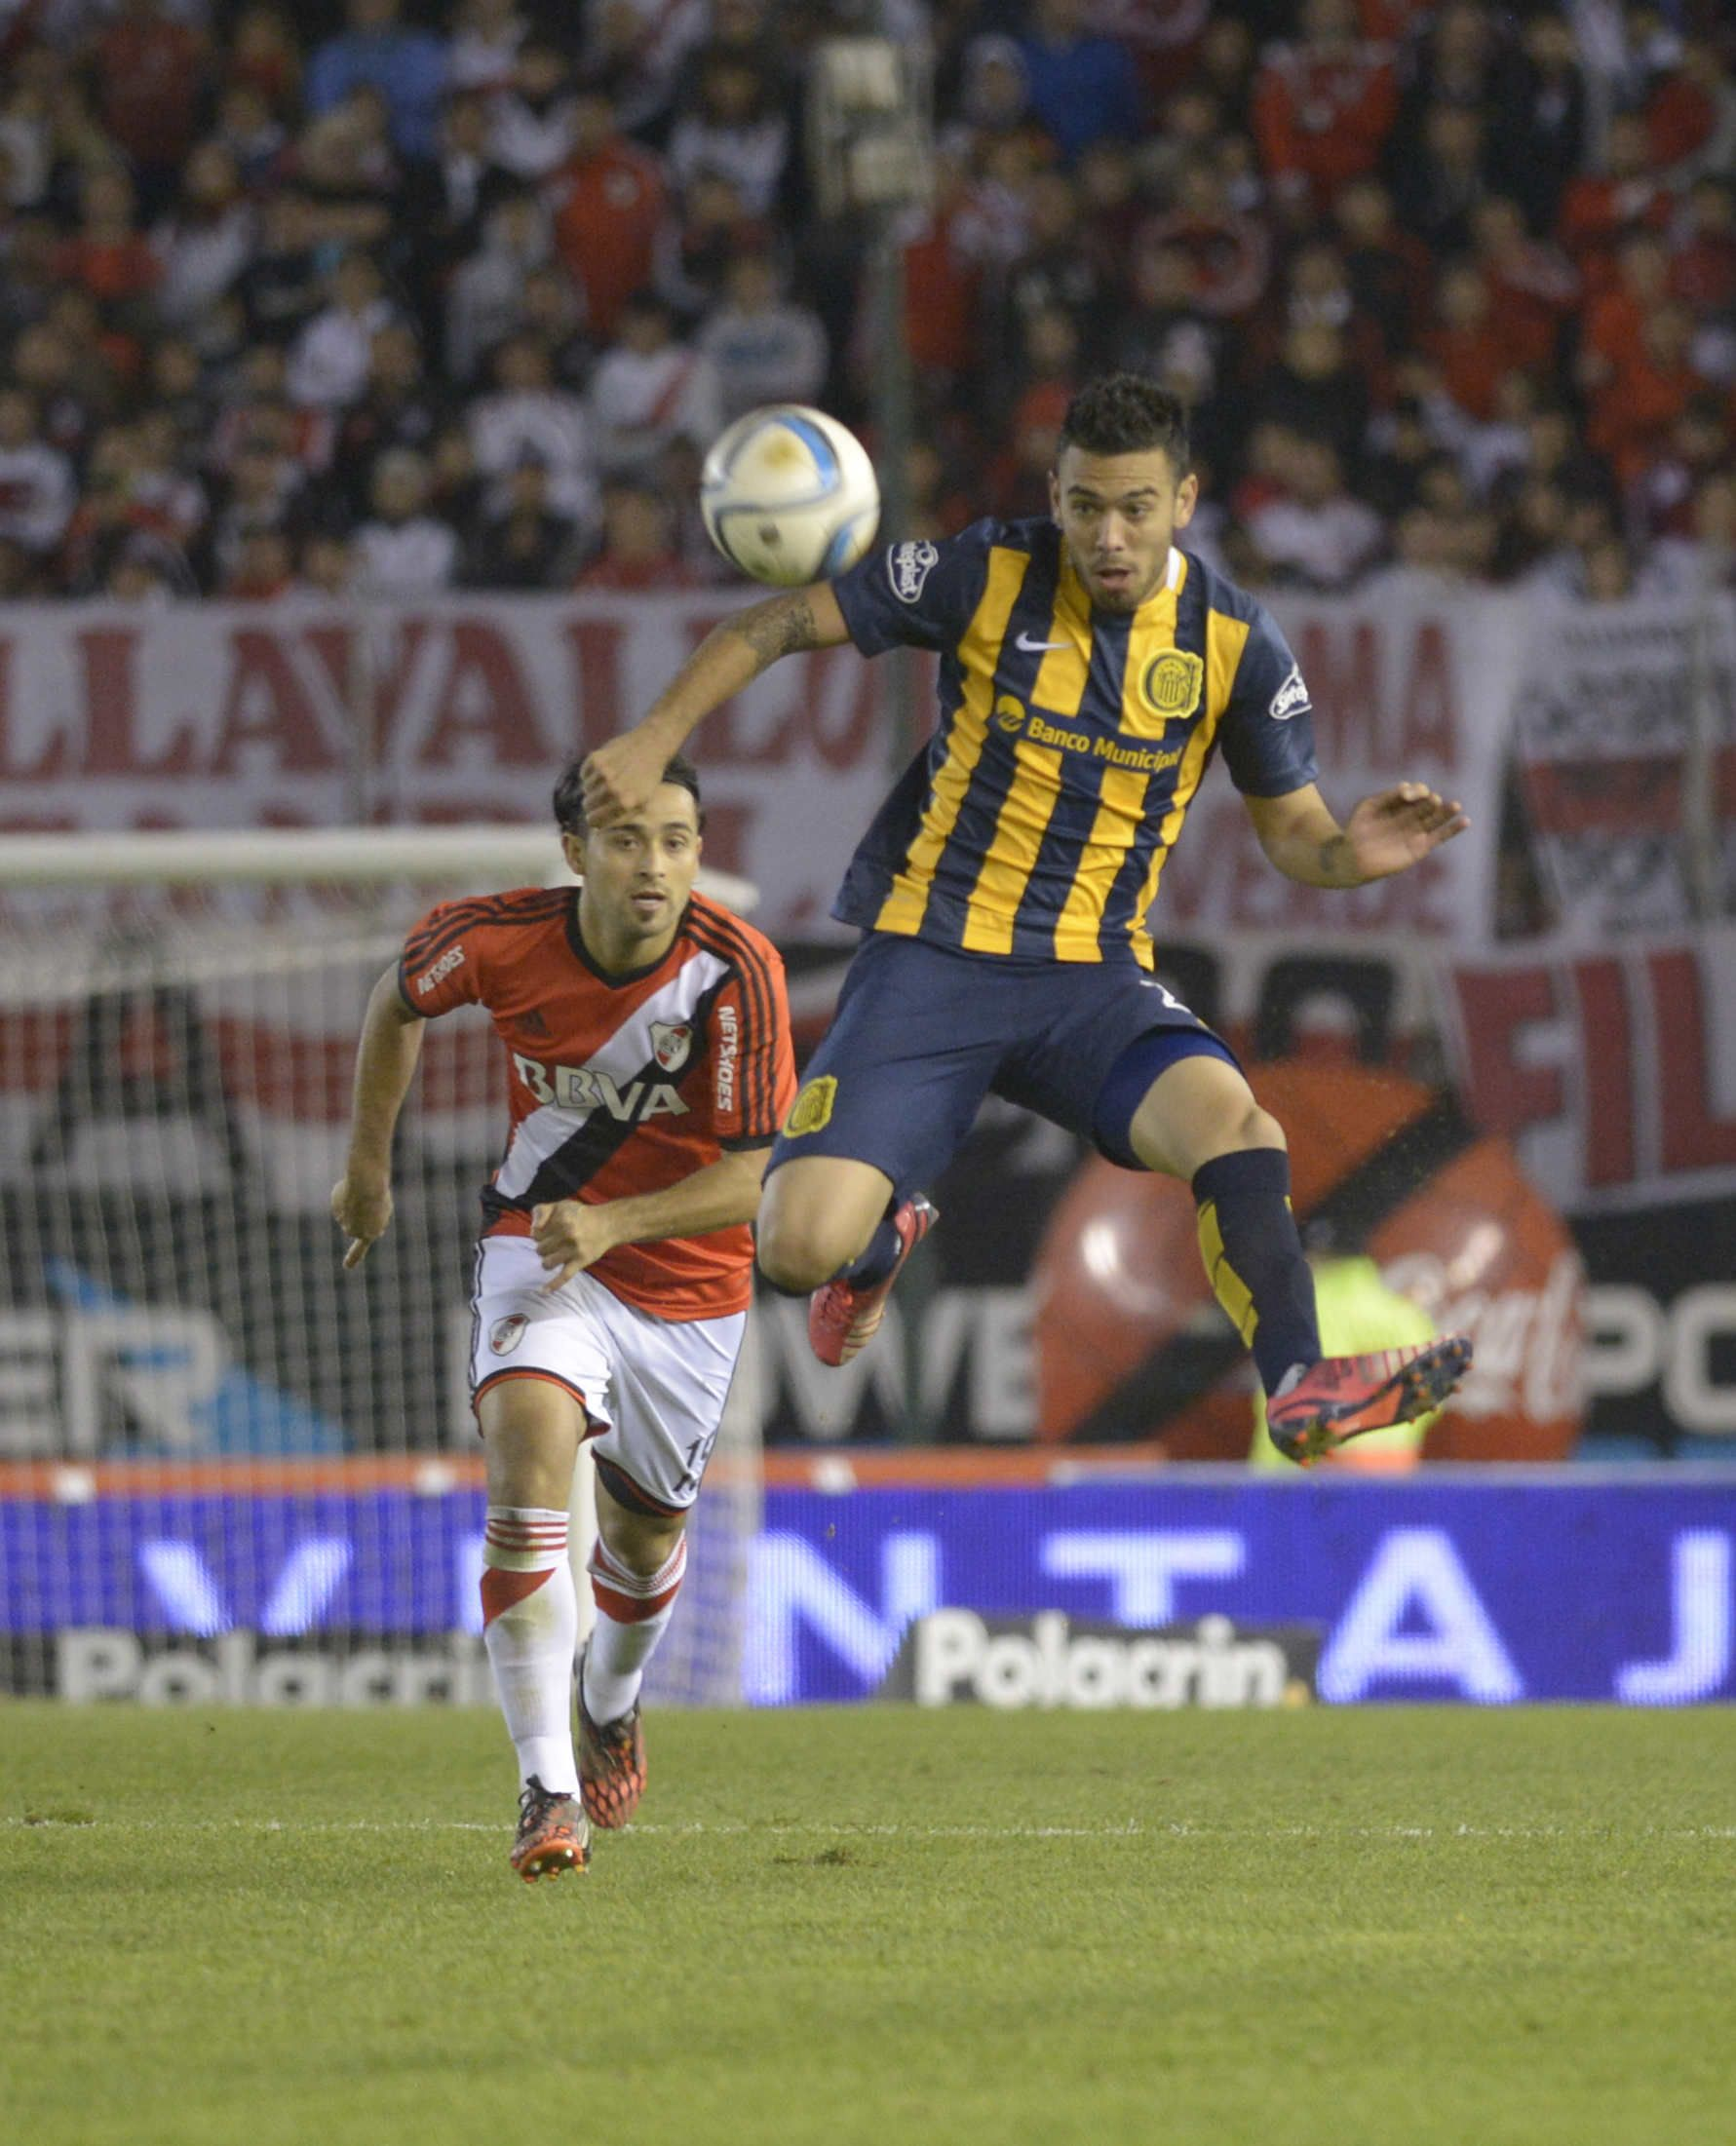 Acción. Nery Domínguez gana la posición ante Pisculichi. Tras la caída